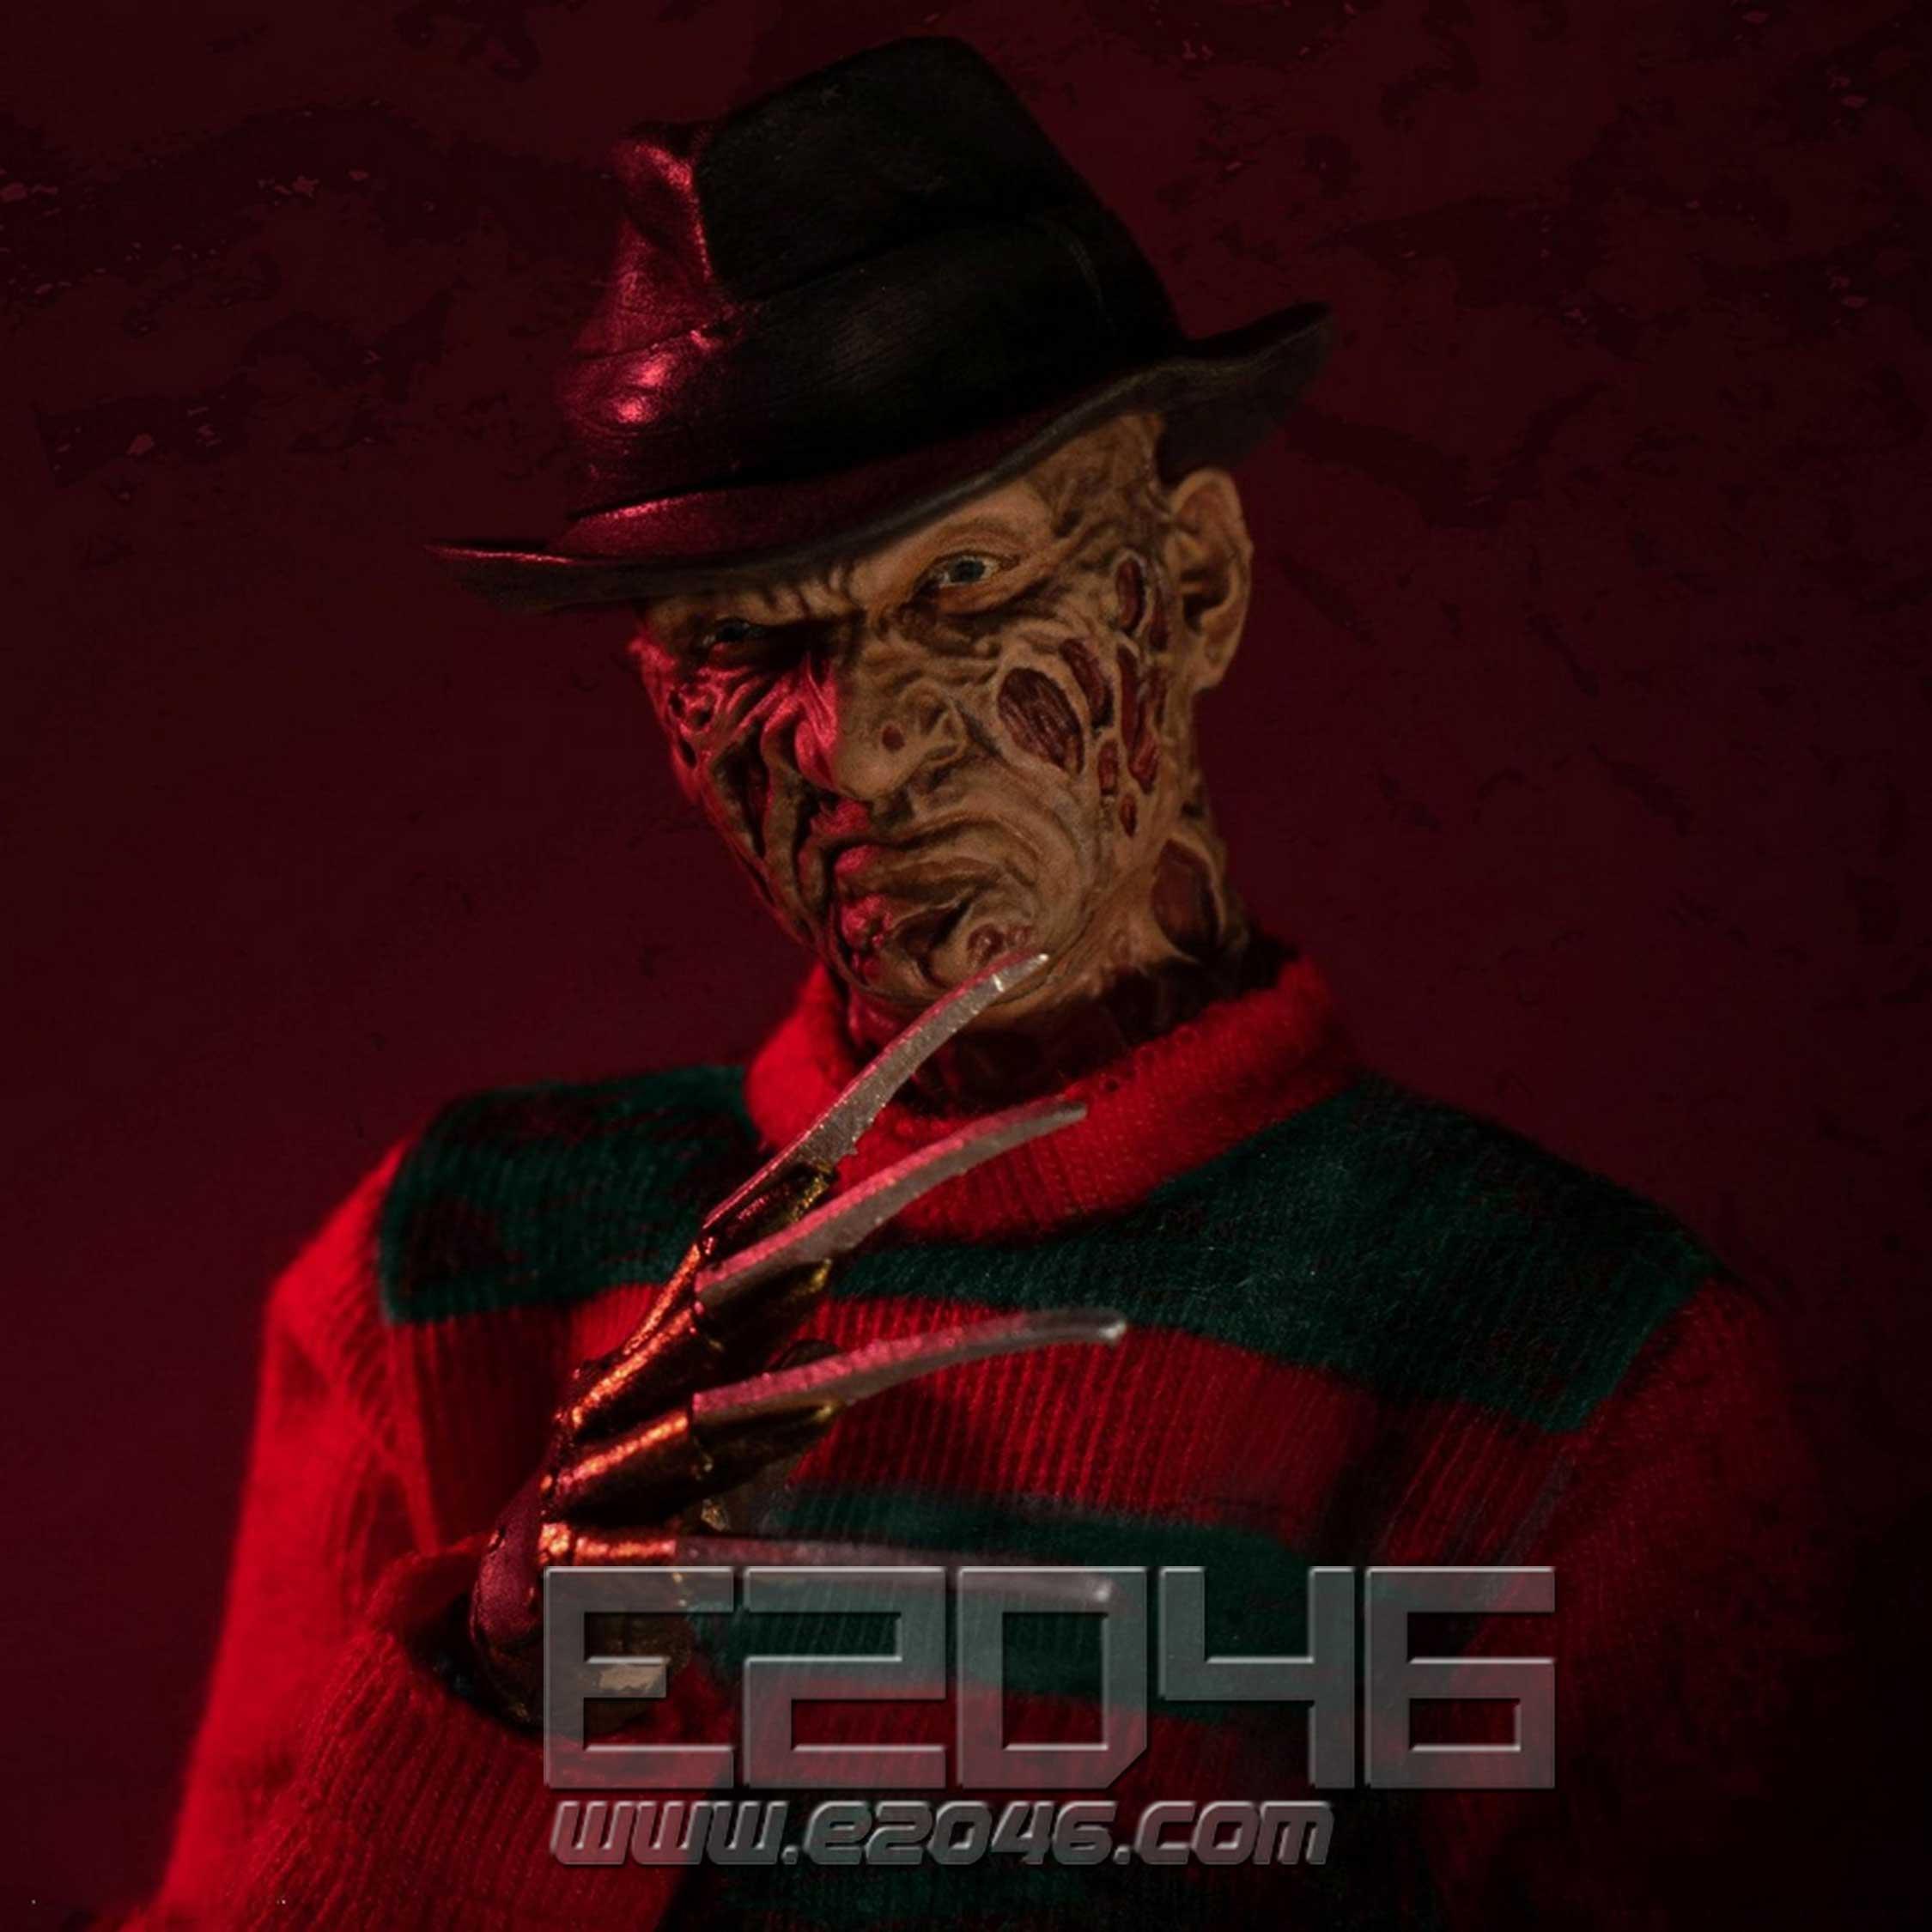 Freddy Krueger (DOLL)